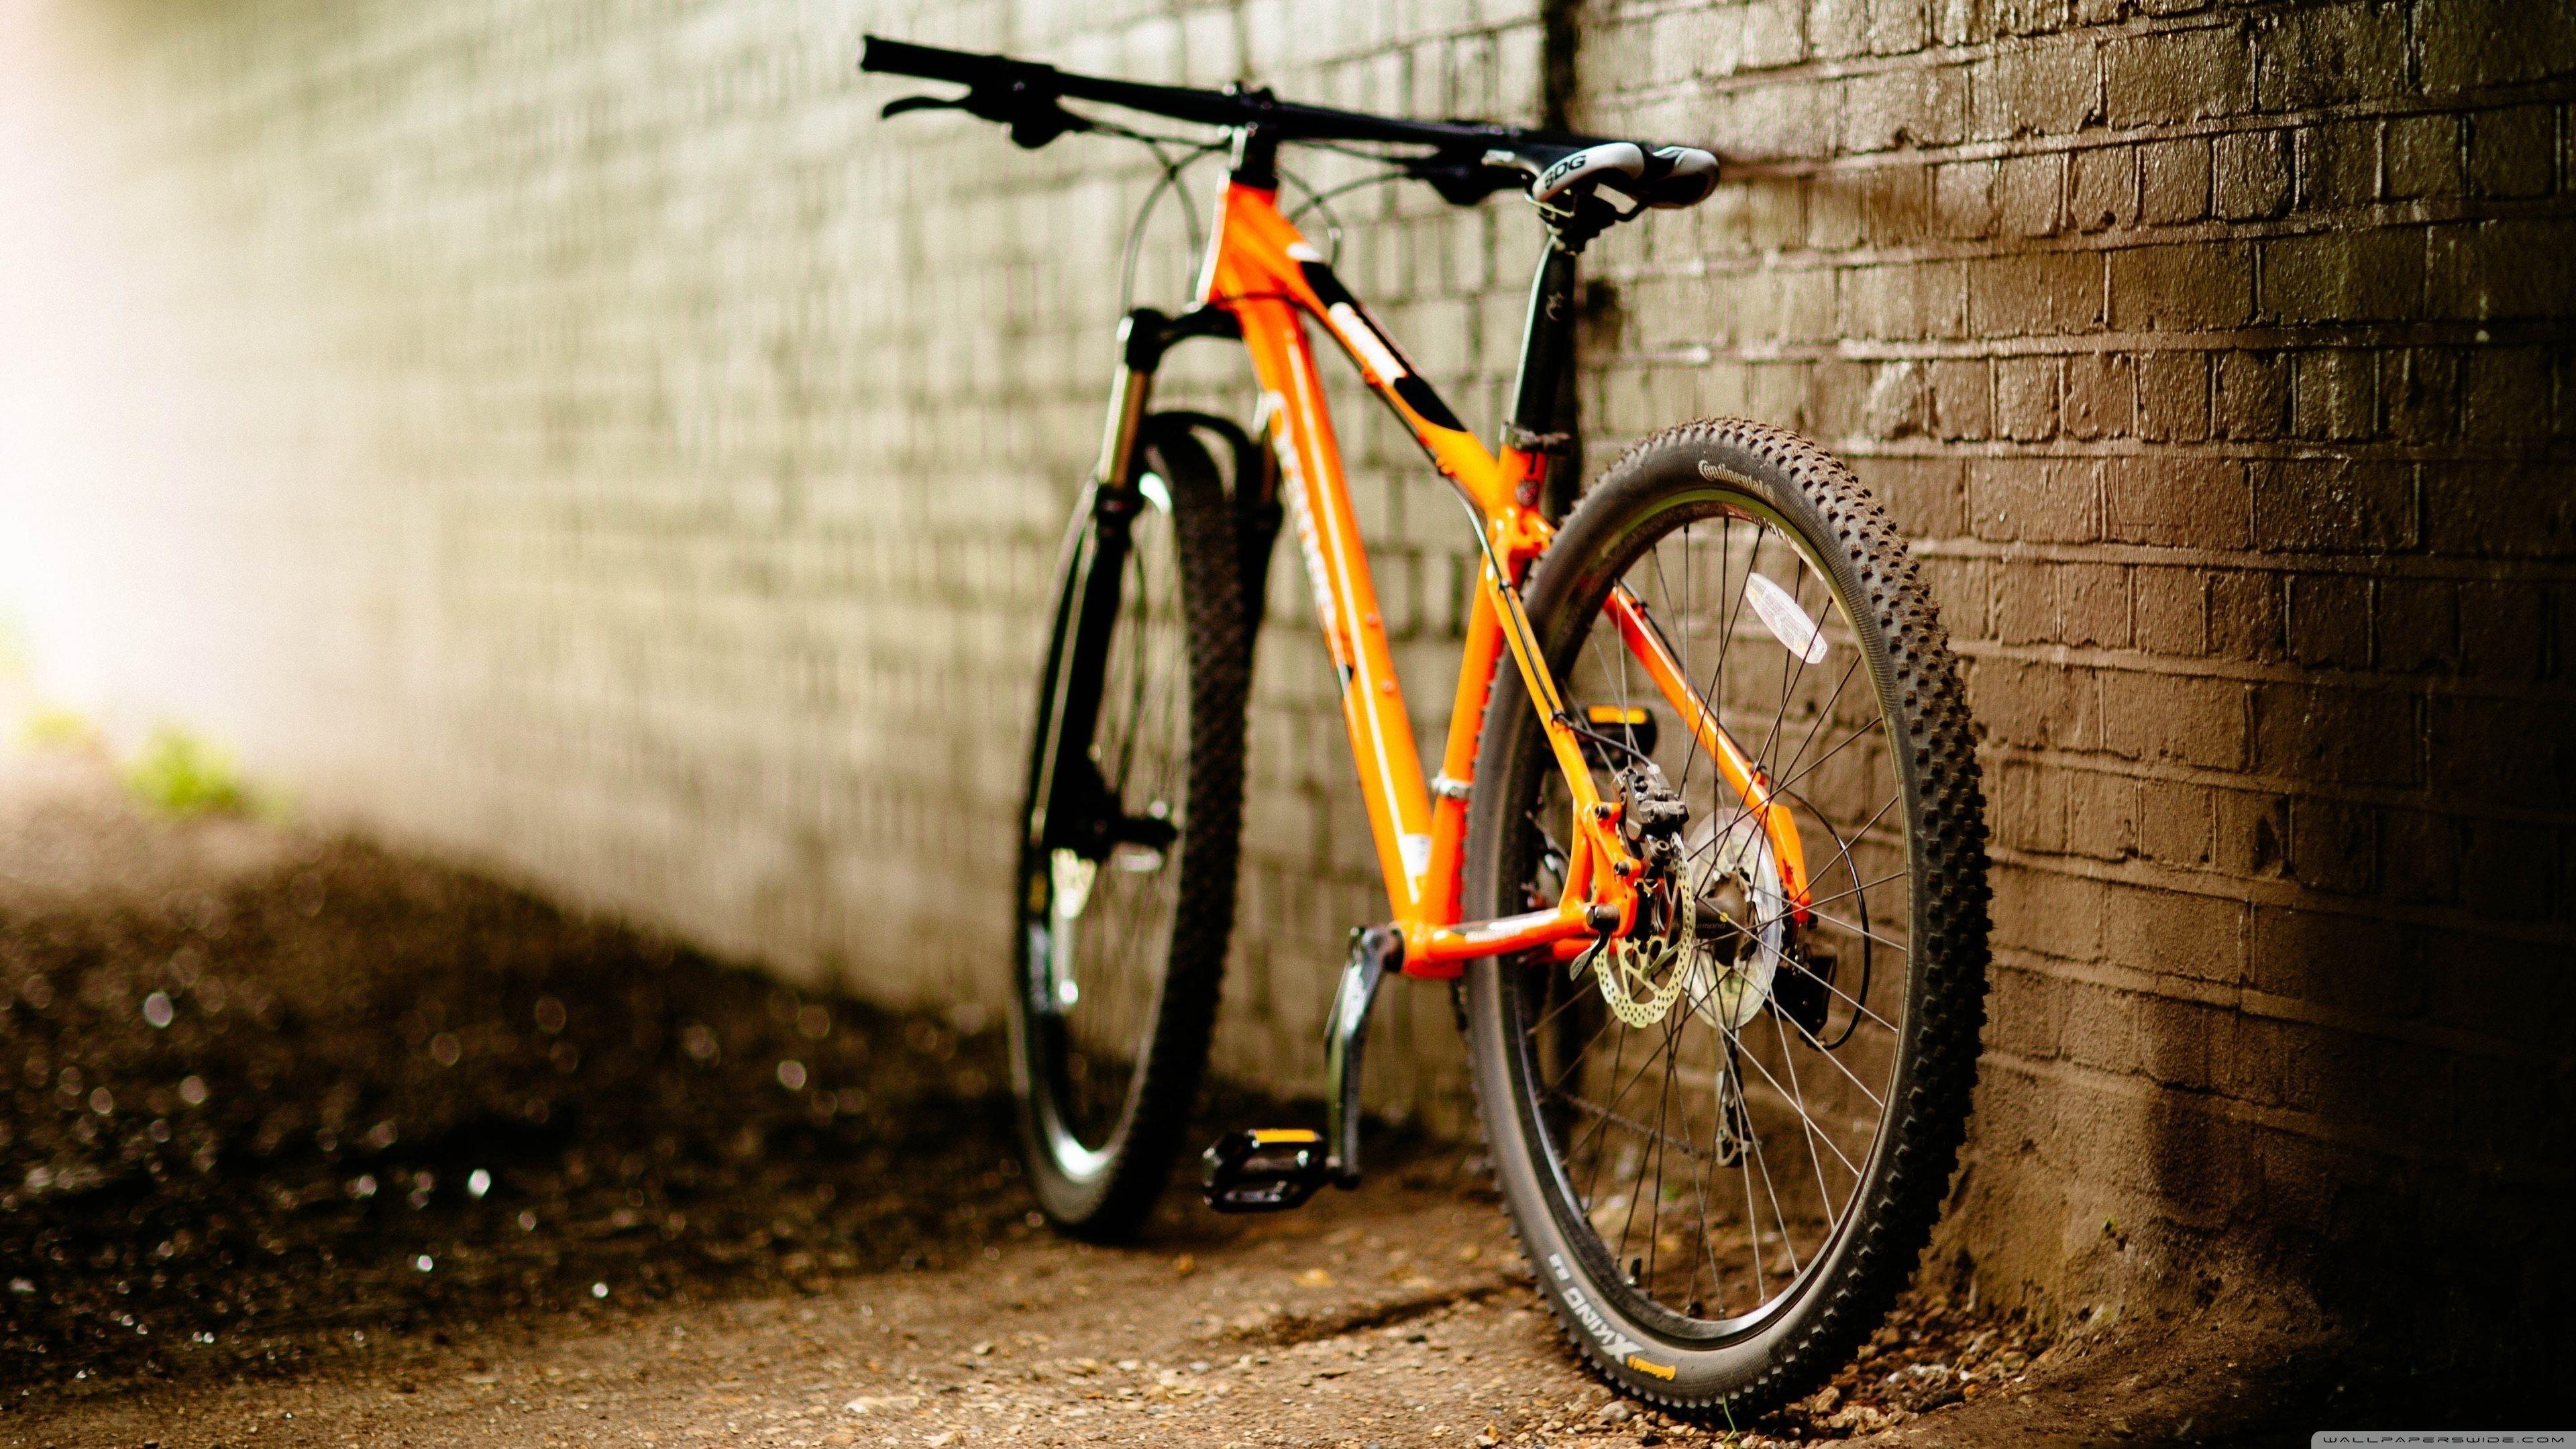 Elegant Cool Bike Wallpapers In 2020 Bicycle Wallpaper Best